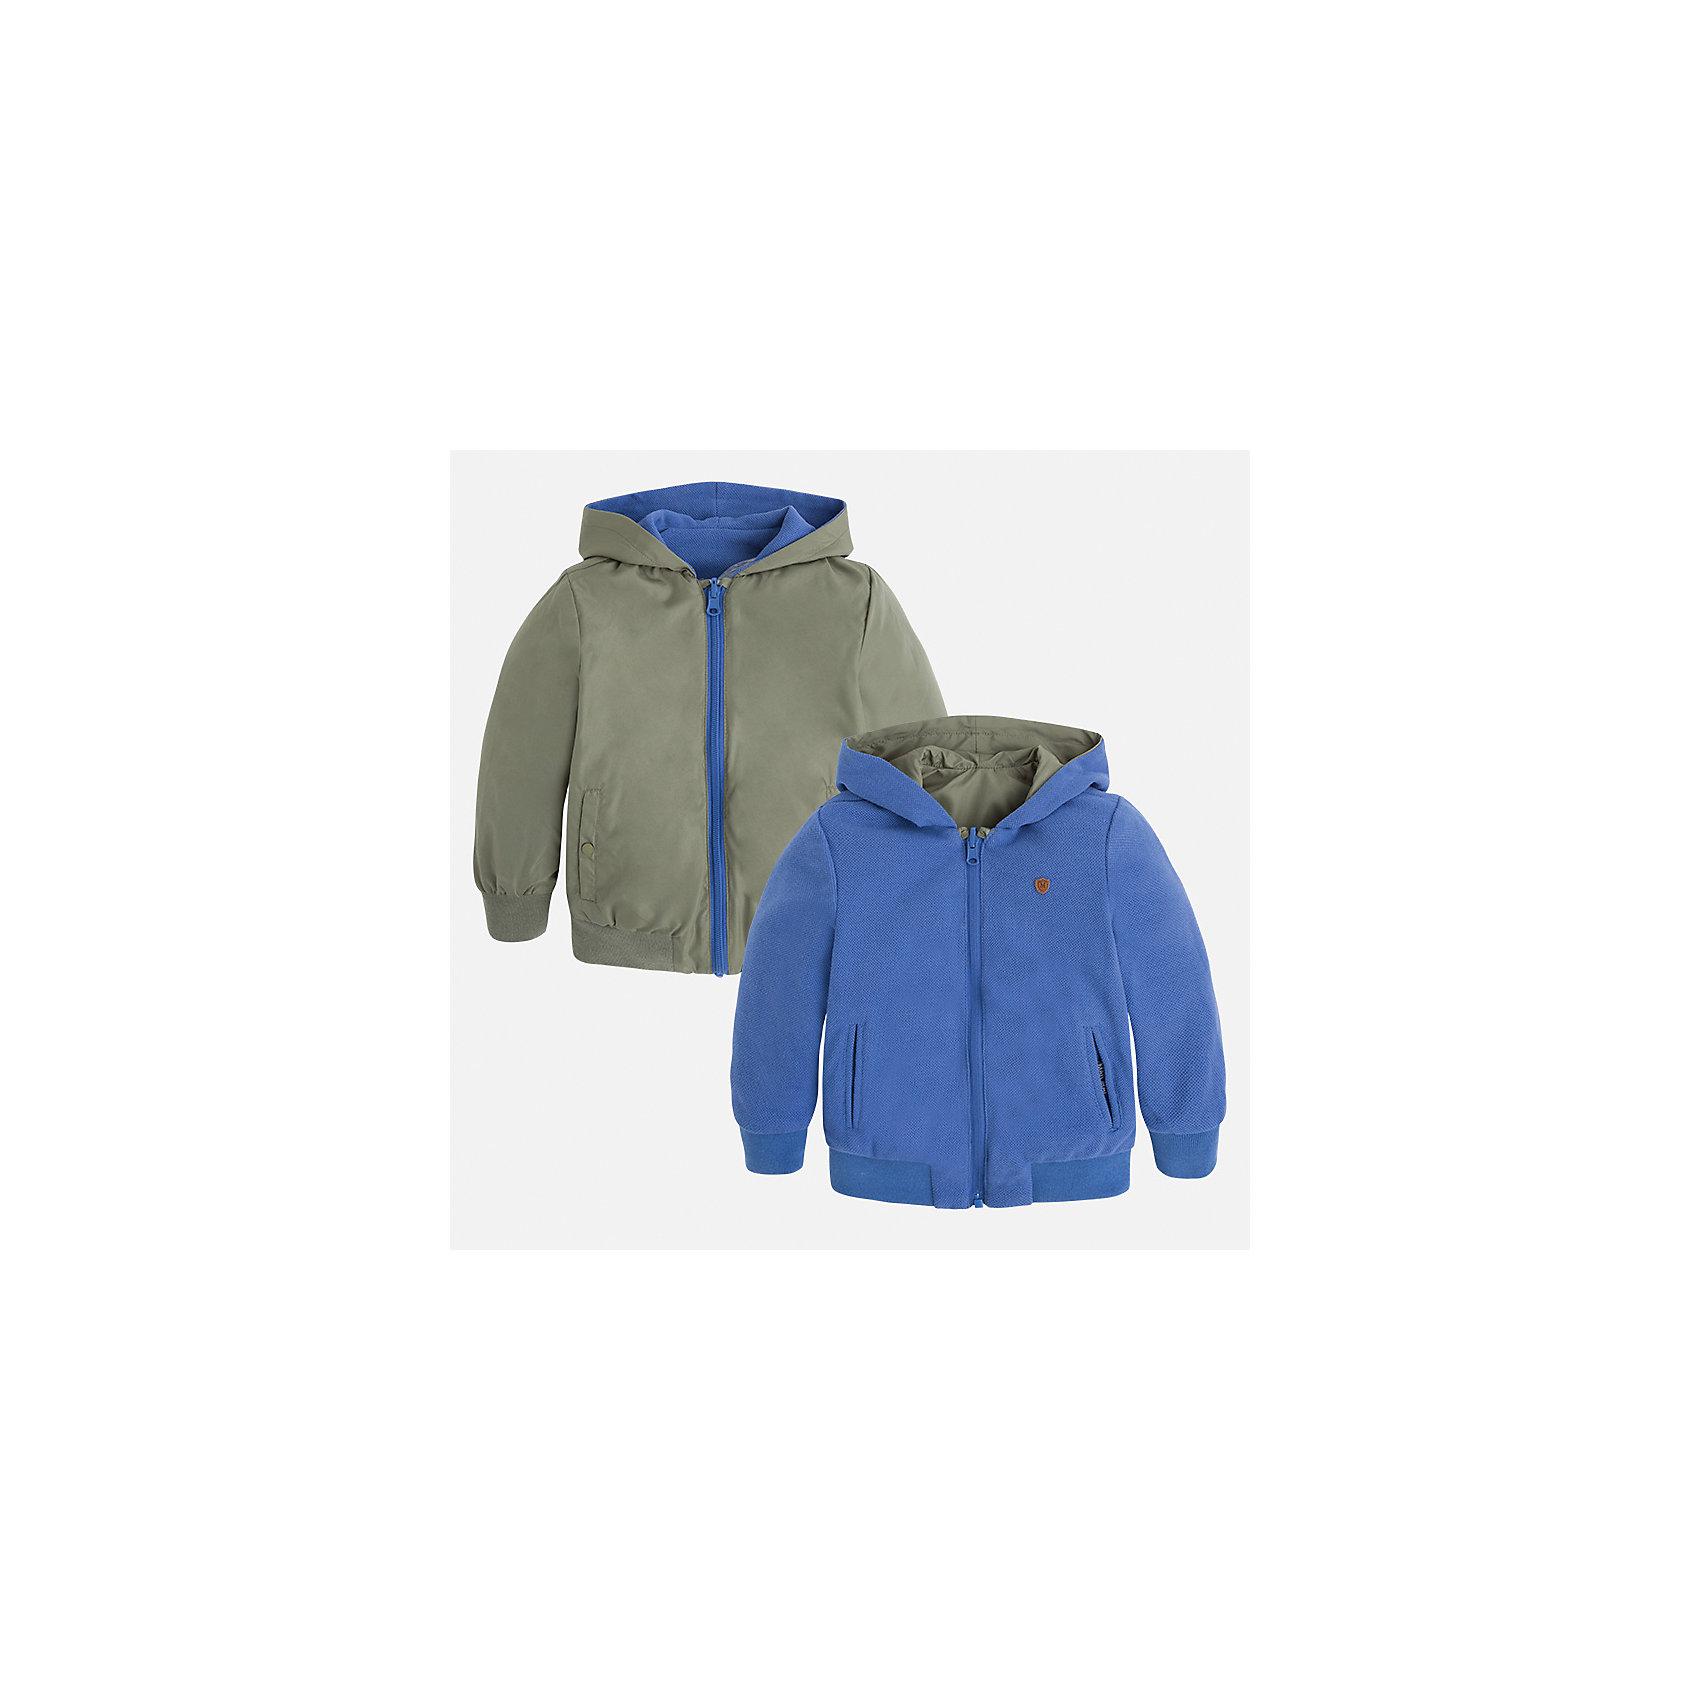 Куртка двухсторонняя для мальчика MayoralВерхняя одежда<br>Характеристики товара:<br><br>• цвет: зеленый/голубой<br>• состав: 100% полиэстер, подкладка - 60% хлопок, 40% полиэстер<br>• температурный режим: от +20°до +10°С<br>• двусторонняя<br>• карманы<br>• молния<br>• капюшон<br>• страна бренда: Испания<br><br>Легкая куртка для мальчика поможет разнообразить гардероб ребенка и обеспечить тепло в прохладную погоду. Эта ветровка - два в одном: стоит её вывернуть - и появляется еще одна курточка другой расцветки. Она отлично сочетается и с джинсами, и с брюками. Универсальный цвет позволяет подобрать к вещи низ различных расцветок. Интересная отделка модели делает её нарядной и оригинальной. <br><br>Одежда, обувь и аксессуары от испанского бренда Mayoral полюбились детям и взрослым по всему миру. Модели этой марки - стильные и удобные. Для их производства используются только безопасные, качественные материалы и фурнитура. Порадуйте ребенка модными и красивыми вещами от Mayoral! <br><br>Куртку для мальчика от испанского бренда Mayoral (Майорал) можно купить в нашем интернет-магазине.<br><br>Ширина мм: 356<br>Глубина мм: 10<br>Высота мм: 245<br>Вес г: 519<br>Цвет: коричневый<br>Возраст от месяцев: 96<br>Возраст до месяцев: 108<br>Пол: Мужской<br>Возраст: Детский<br>Размер: 134,122,92,116,110,104,128,98<br>SKU: 5280558